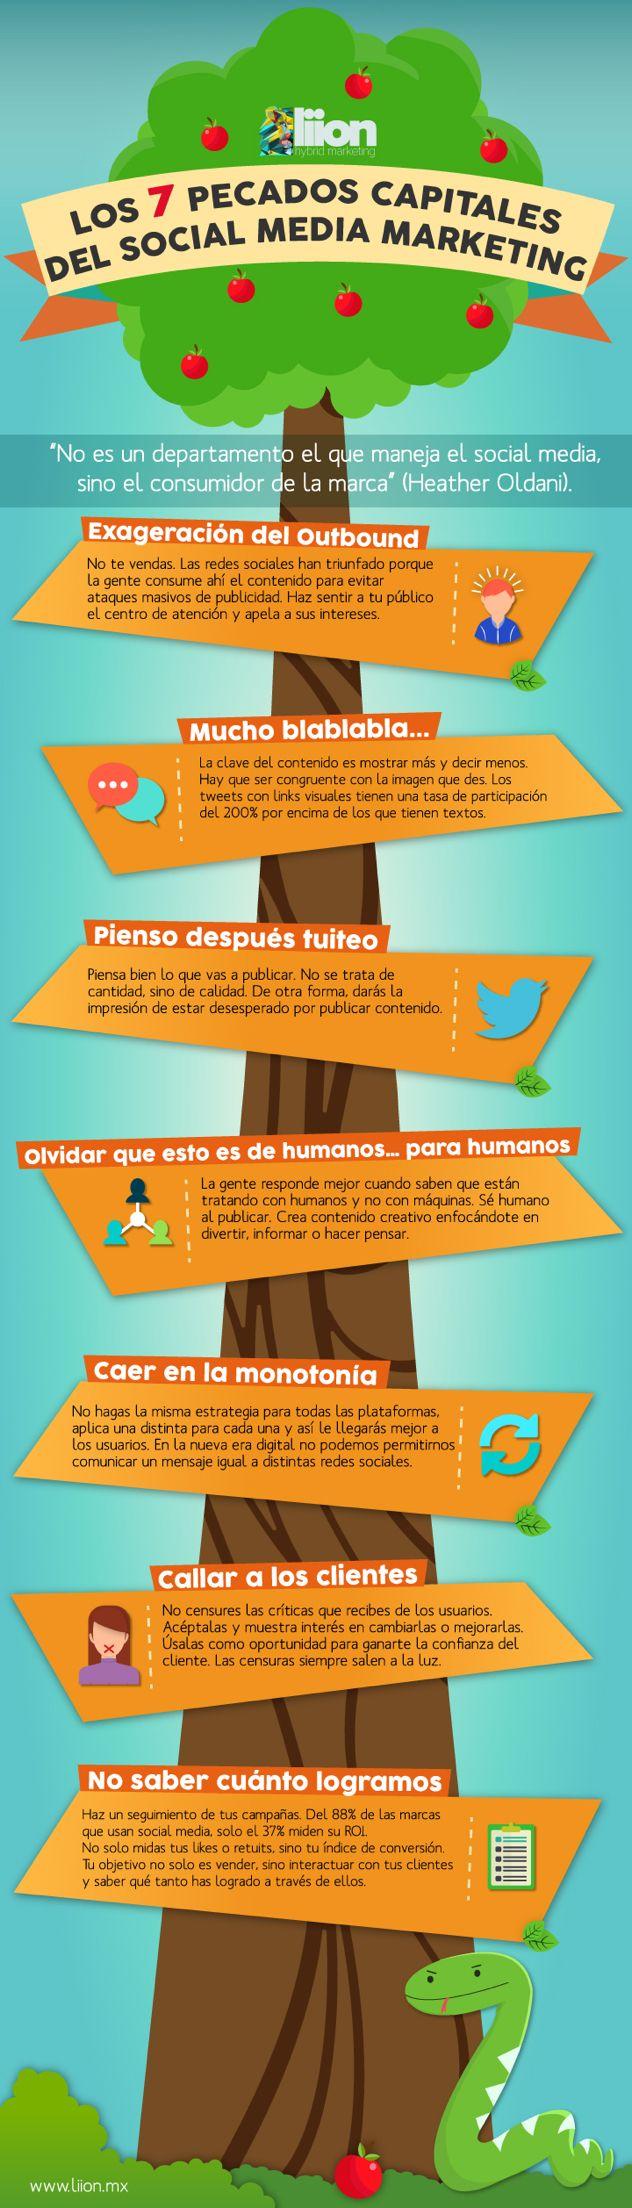 Los 7 pecados capitales del social media marketing